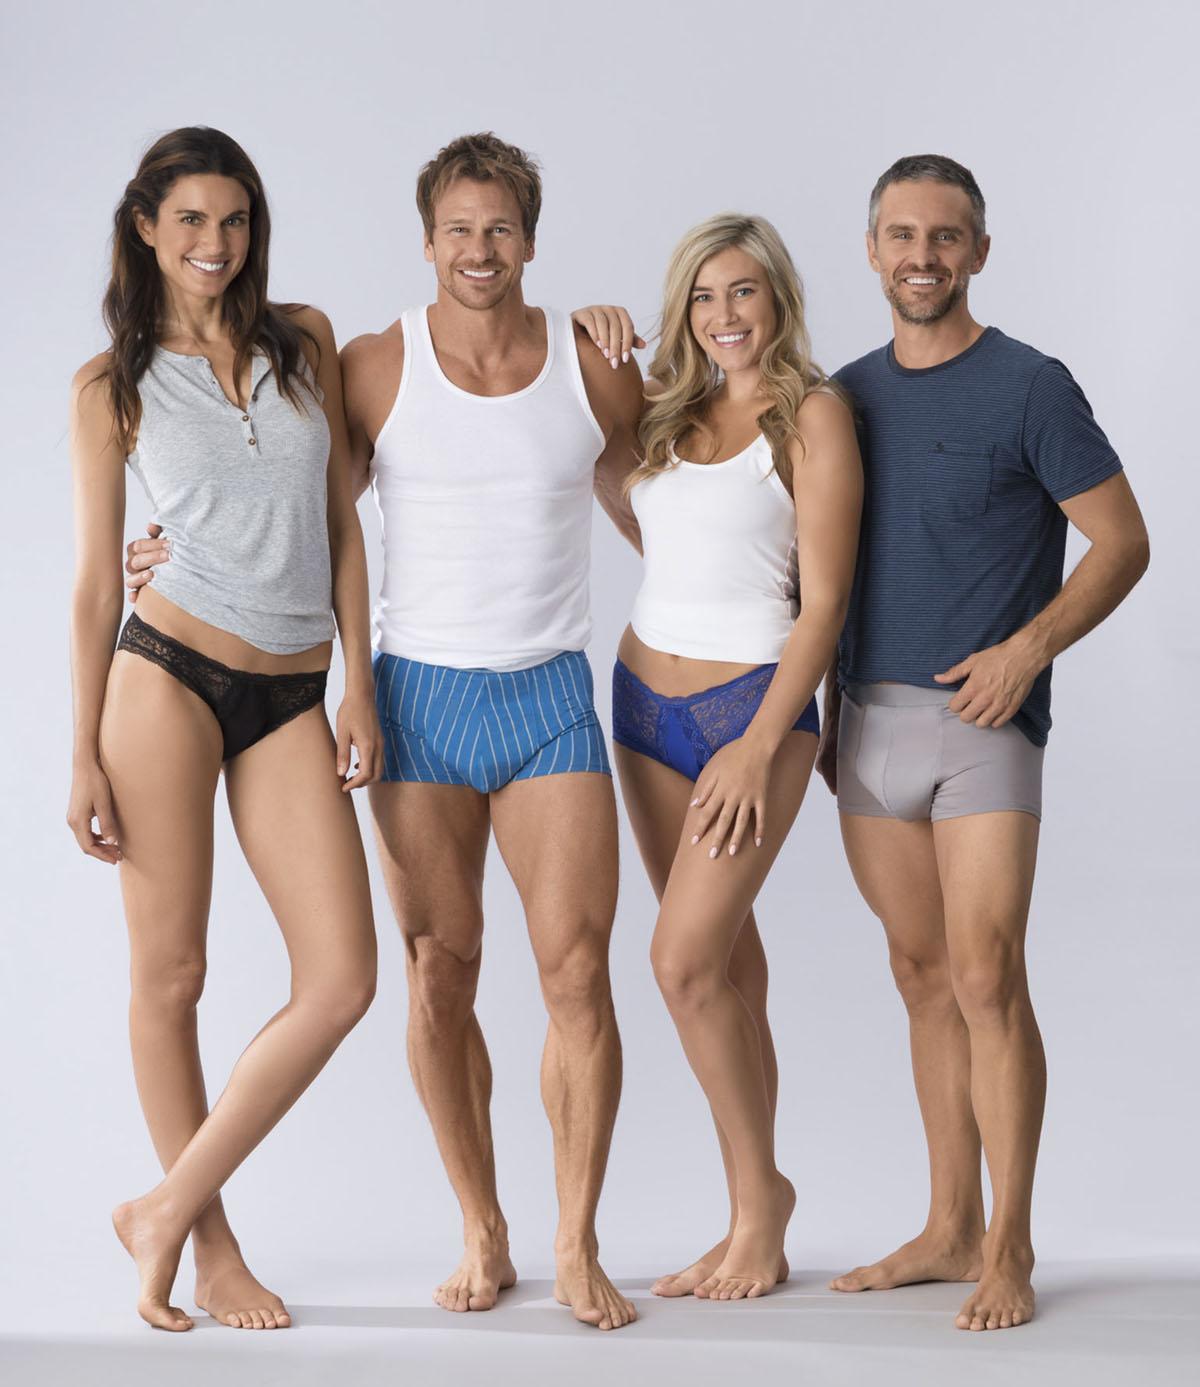 Confitex Absorbent Underwear